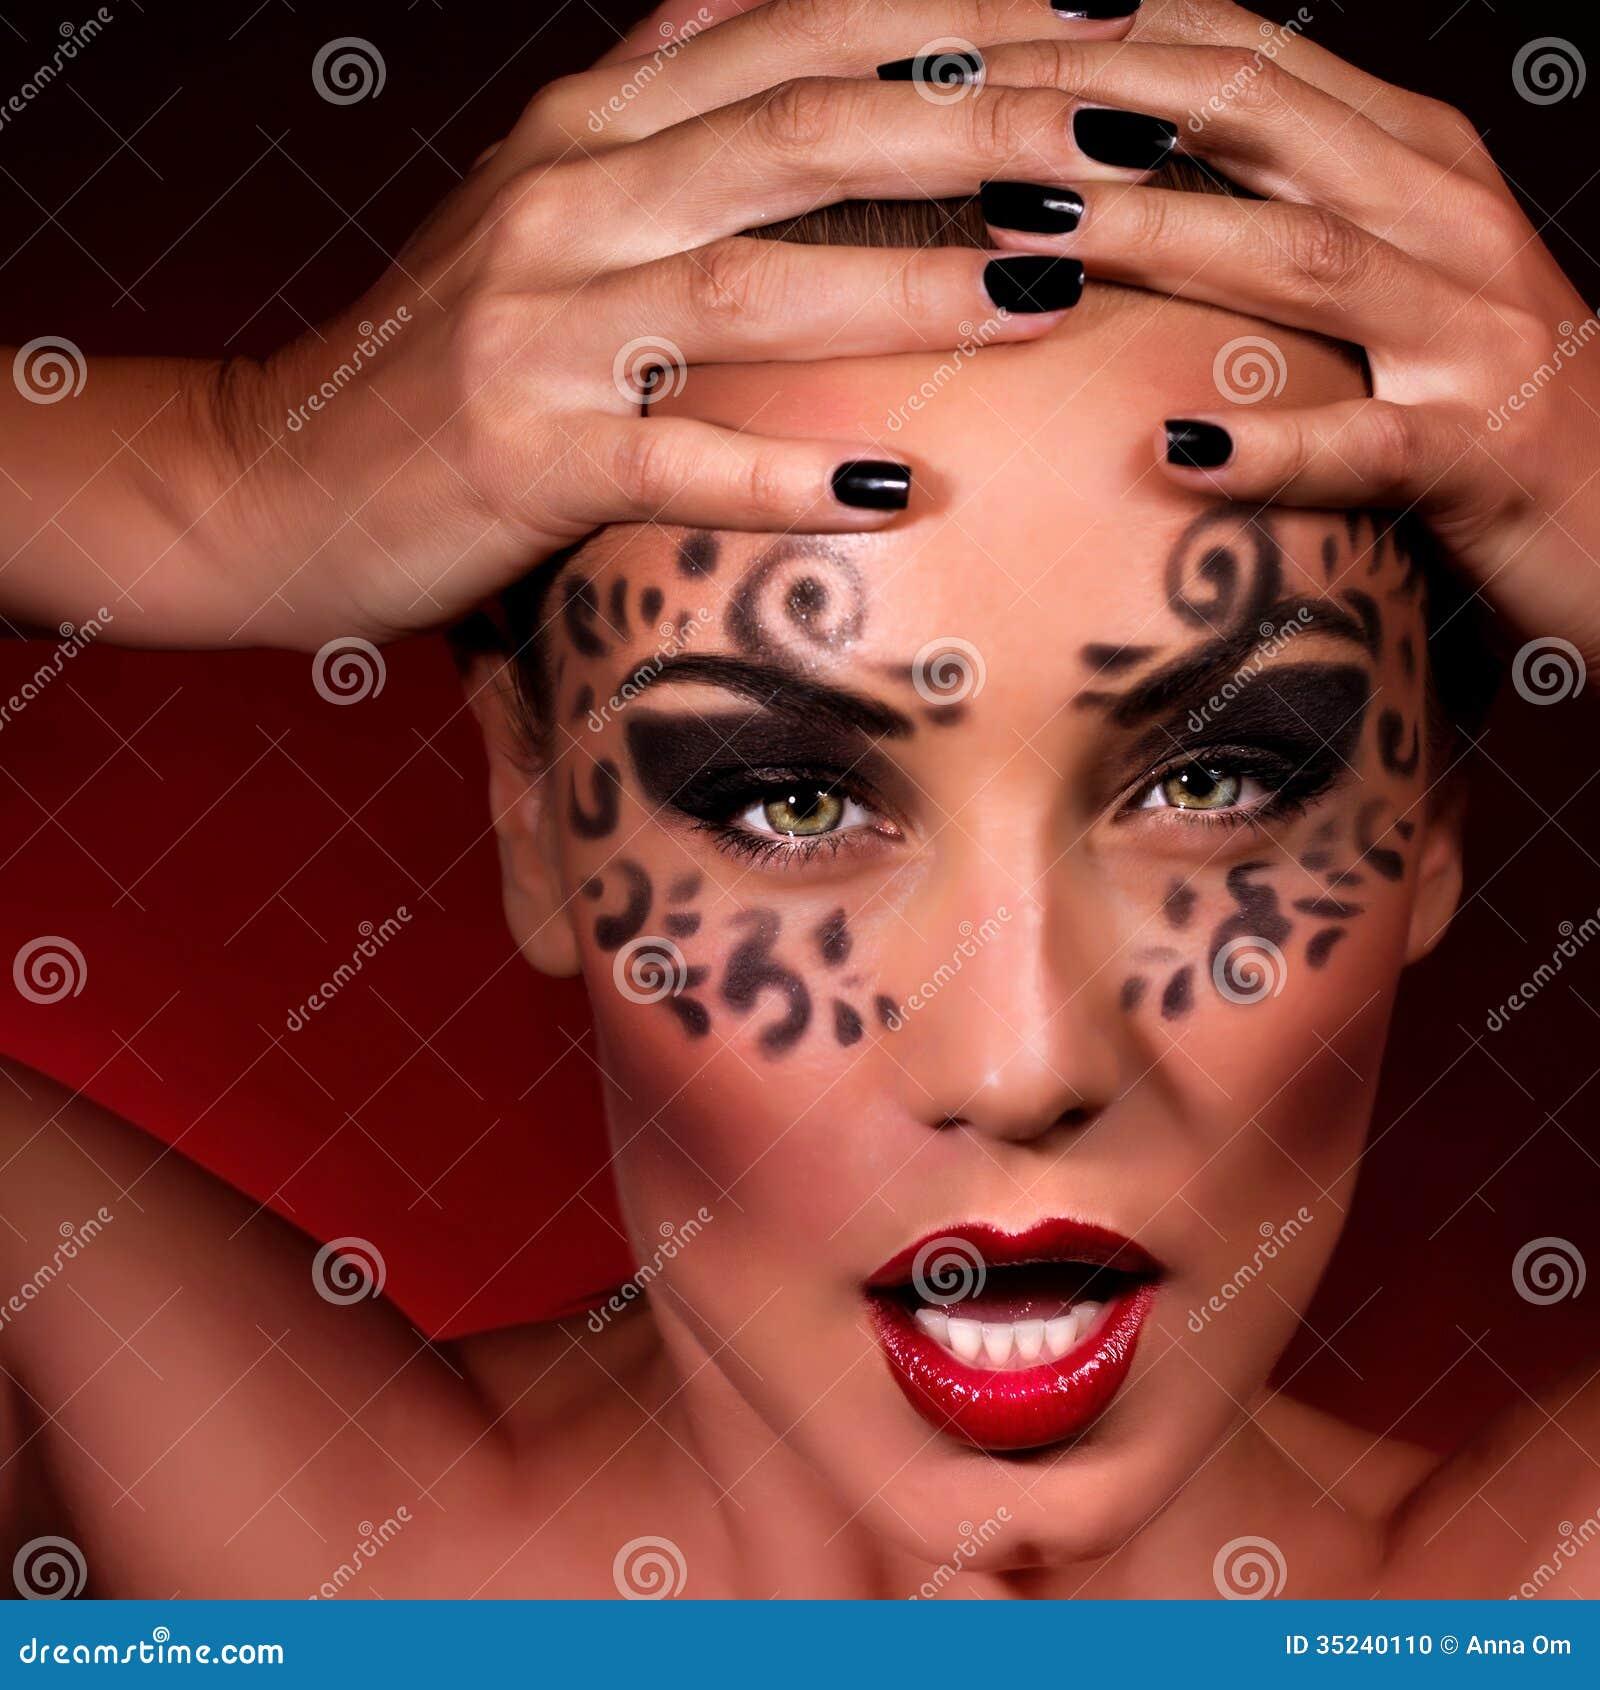 Агрессивно-сексуальные женщины фото 13